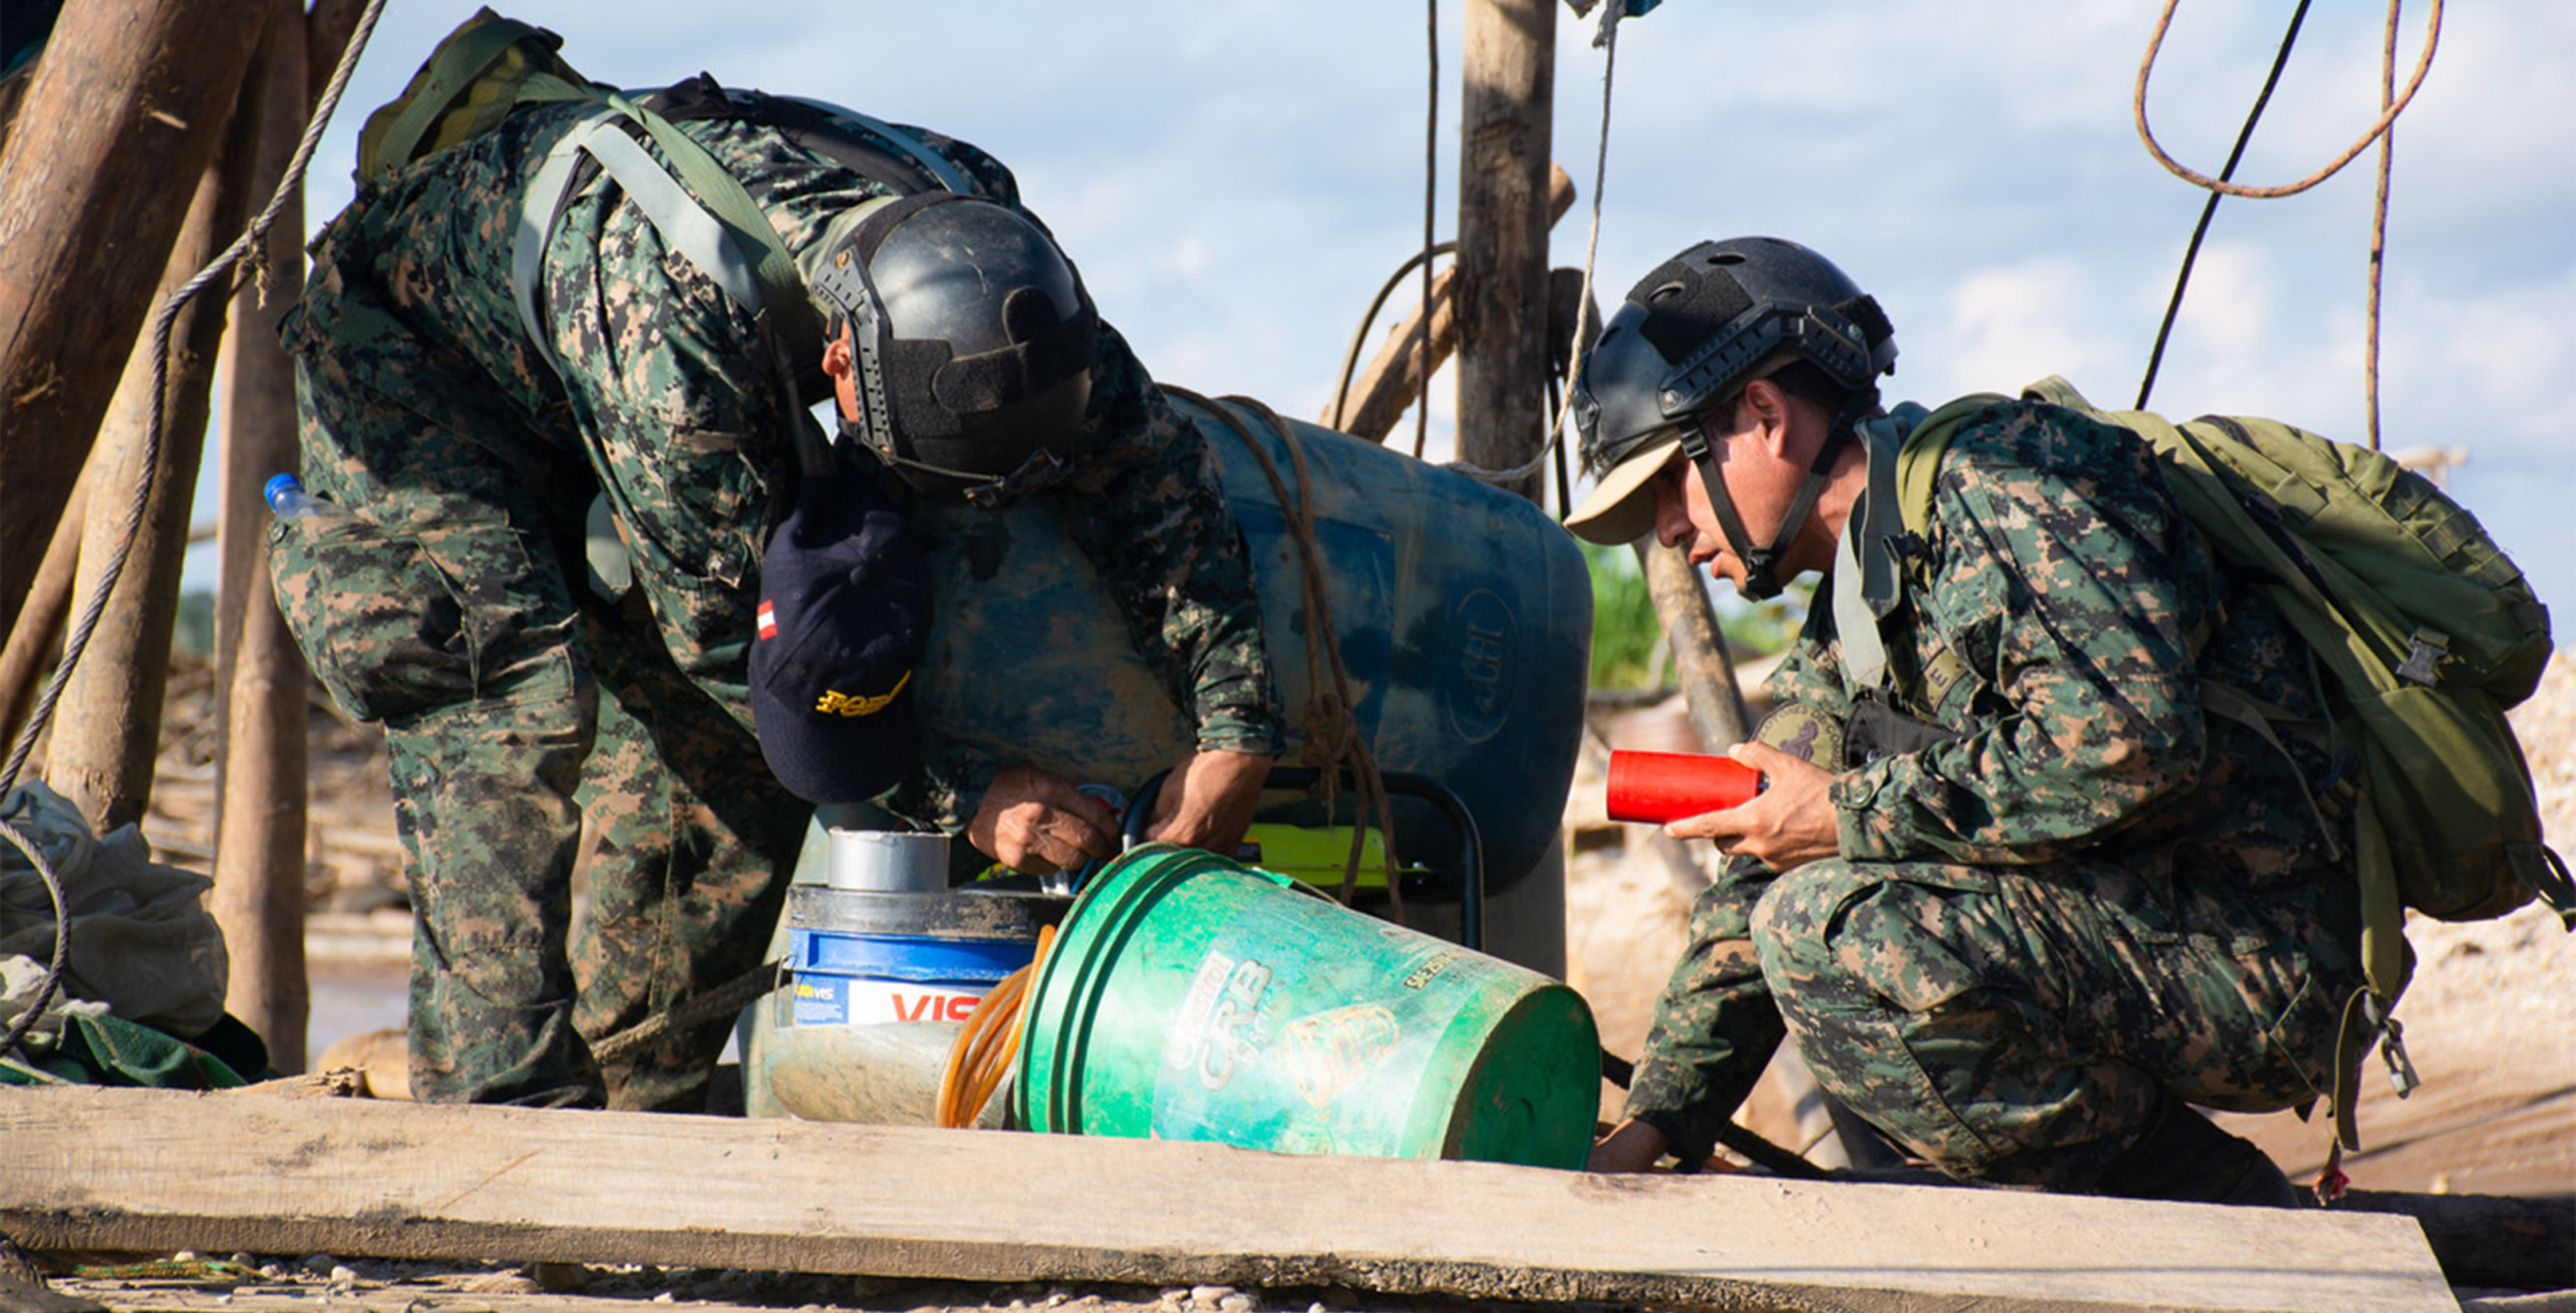 02_Spezialeinheiten-des-peruanischen-Militärs-bereiten-die-Sprengung-einer-illegalen-Mine-vor